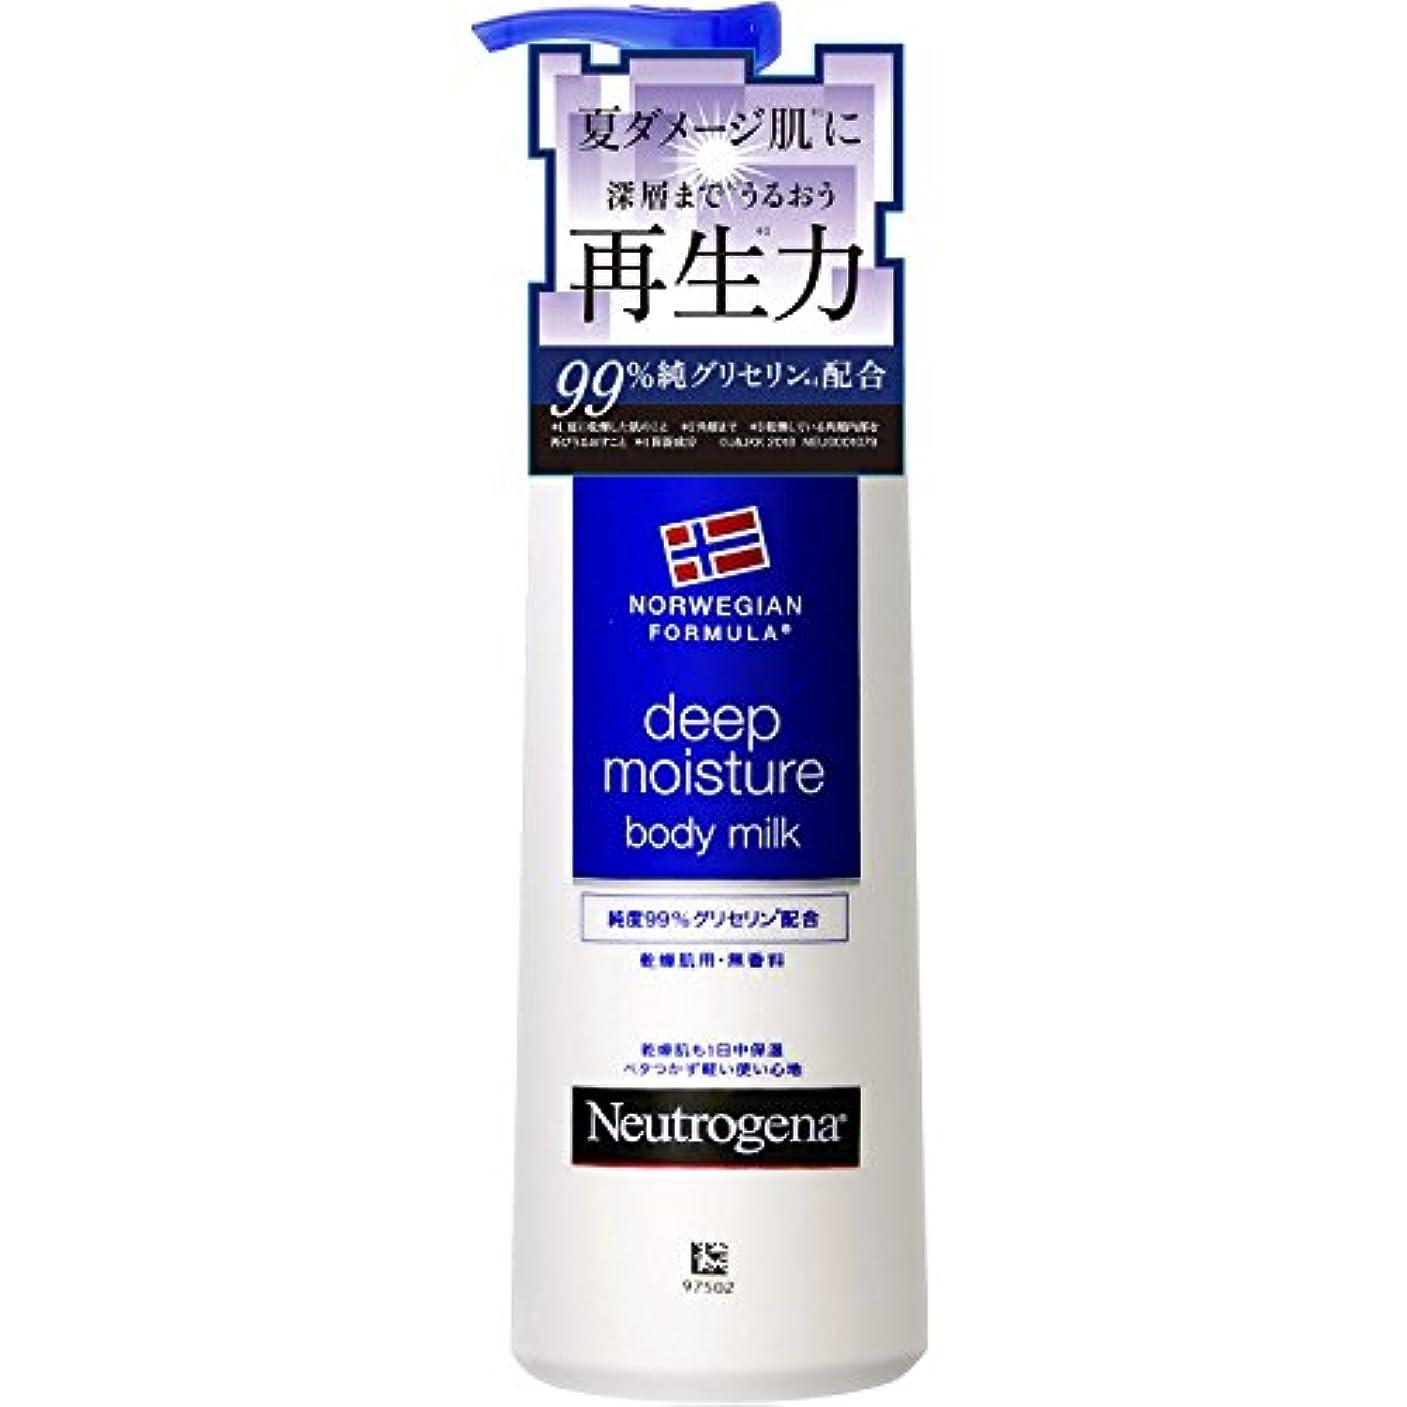 無駄なお嬢波Neutrogena(ニュートロジーナ) ノルウェーフォーミュラ ディープモイスチャー ボディミルク 乾燥肌用 無香料 250ml